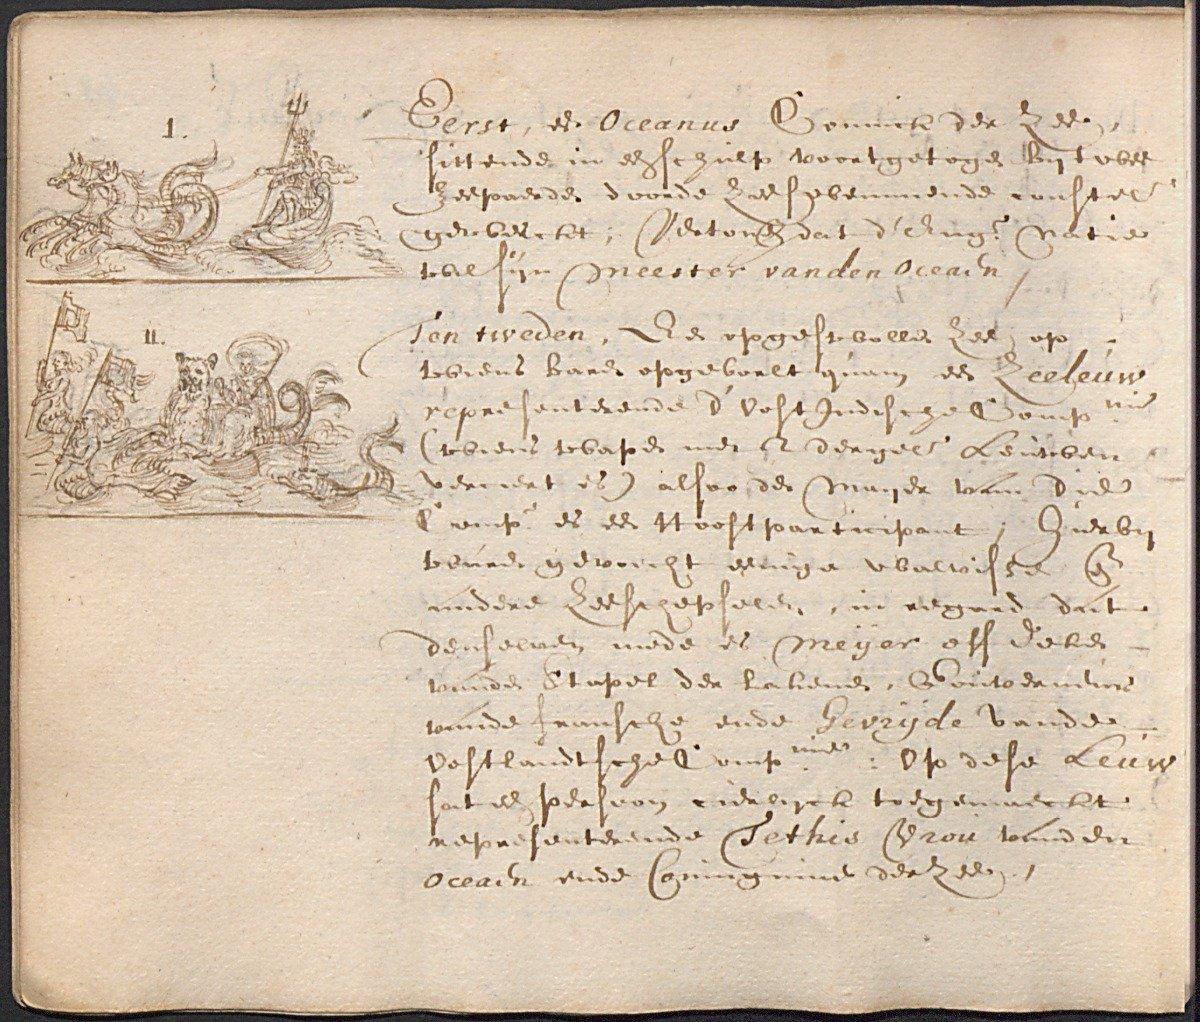 Pagina uit het dagboek van Abrahma Booth